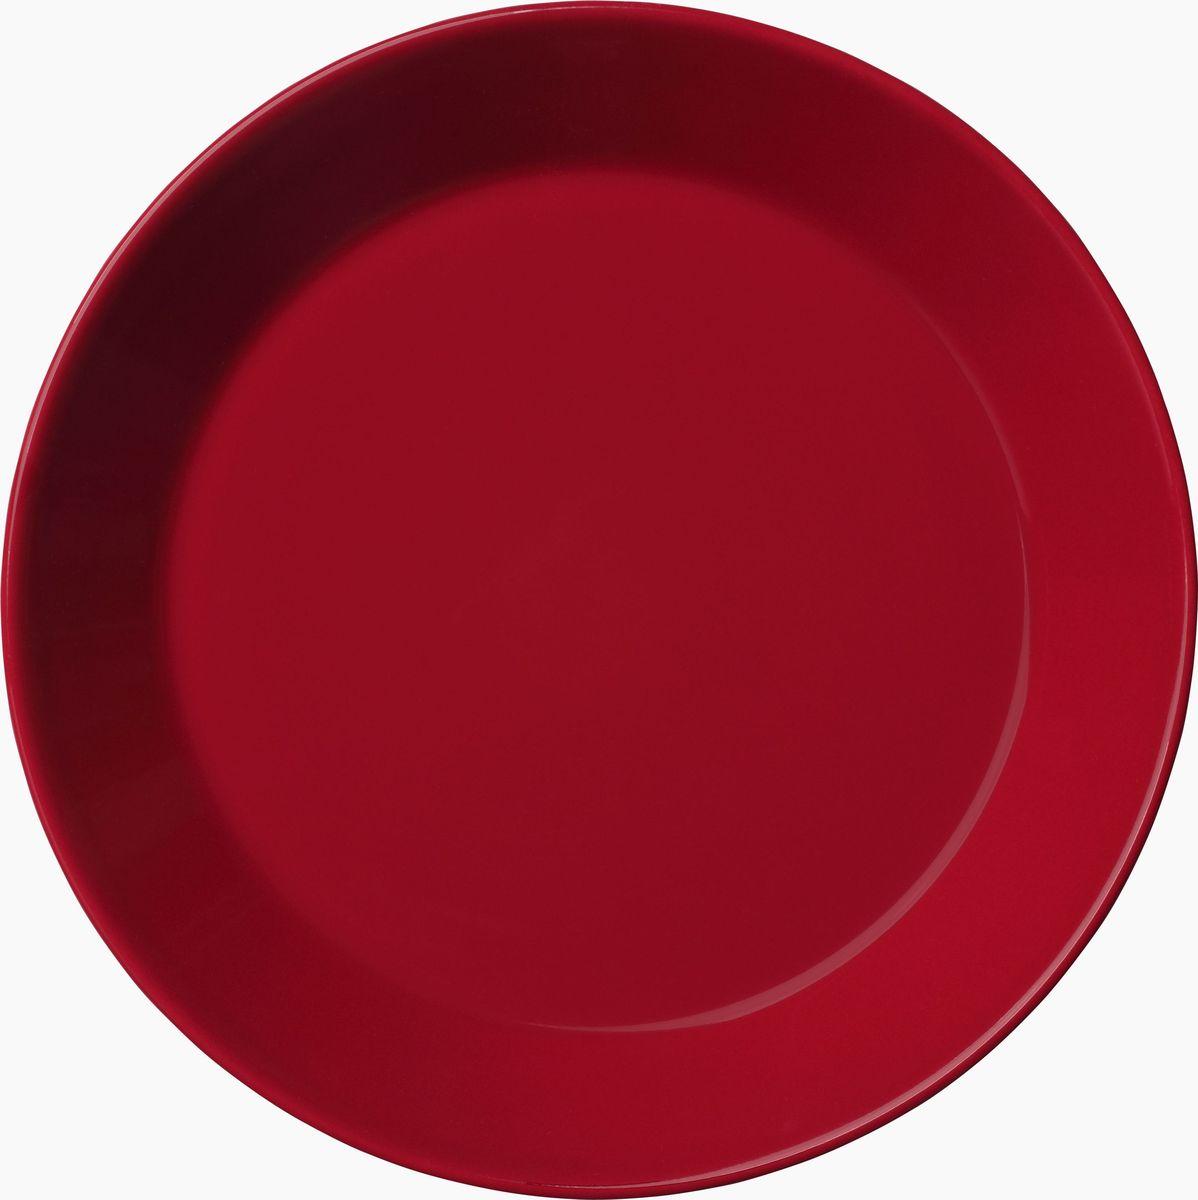 Тарелка Iittala Teema, цвет: красный, диаметр 17 см1006016Teema - это классика дизайна Iittala, каждый продукт имеет чёткие геометрические формы: круг, квадрат и прямоугольник. Как говорит Кай Франк: «Цвет является единственным украшением». Посуда серии Teema является универсальной, её можно комбинировать с любой серией Iittala. Она практична и лаконична.